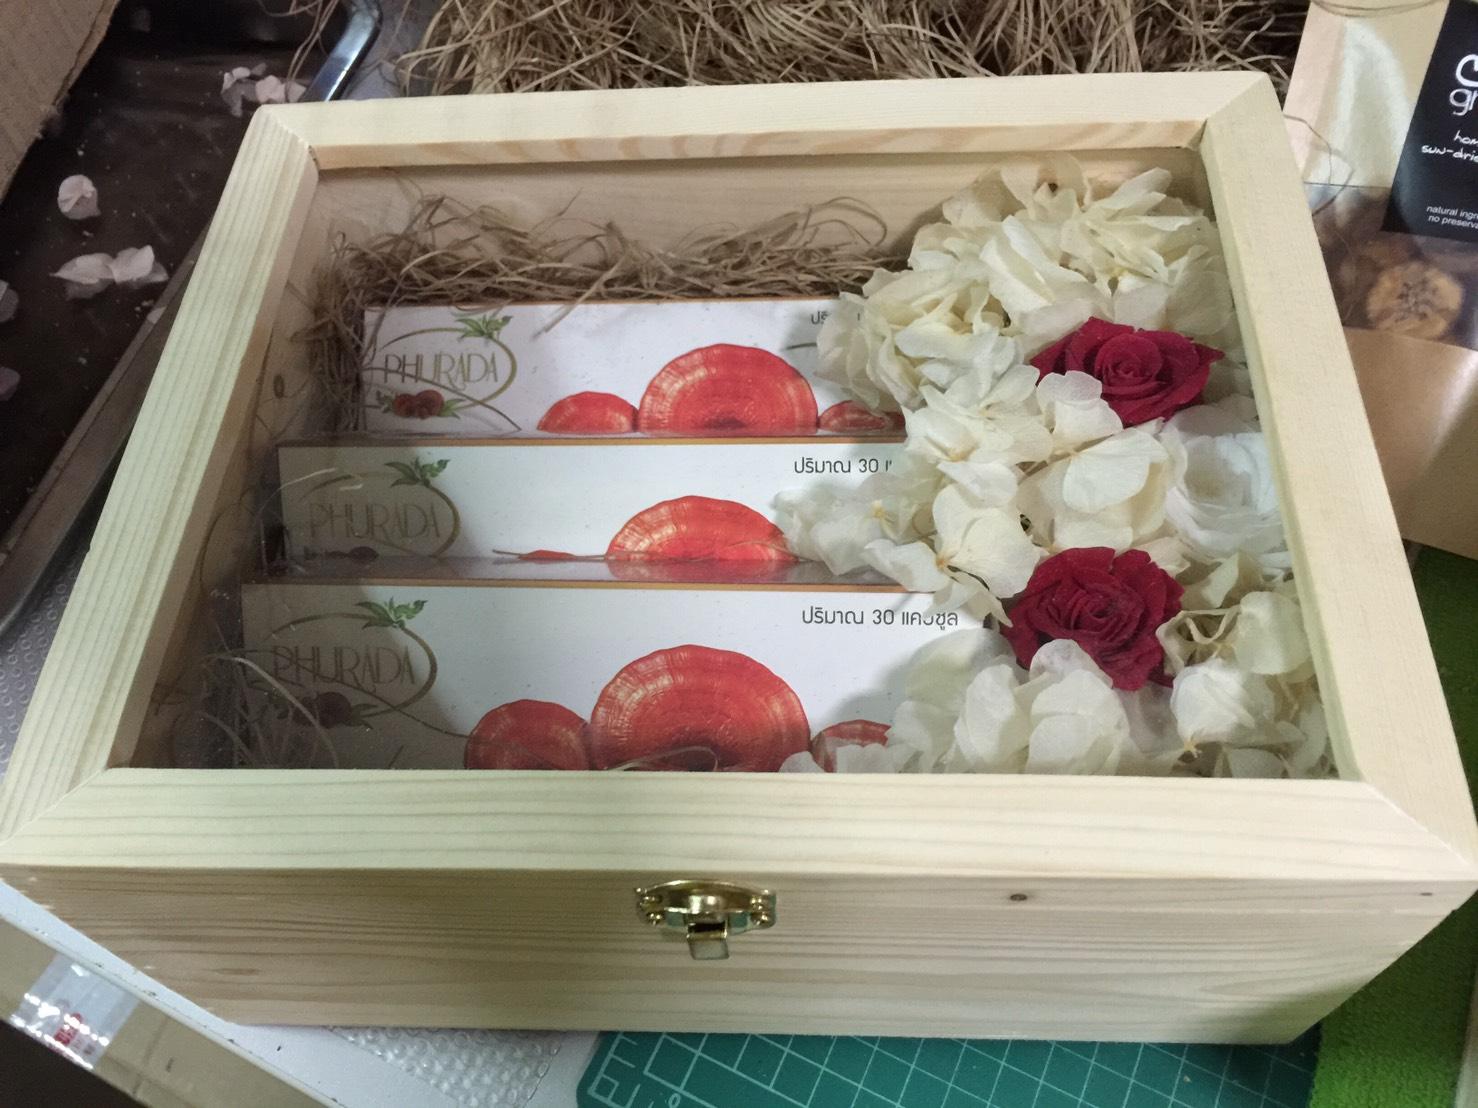 เห็ดหลินจือแดงภูรดา ชุดกล่อง ของขวัญ ปี ใหม่ ให้ ผู้ใหญ่